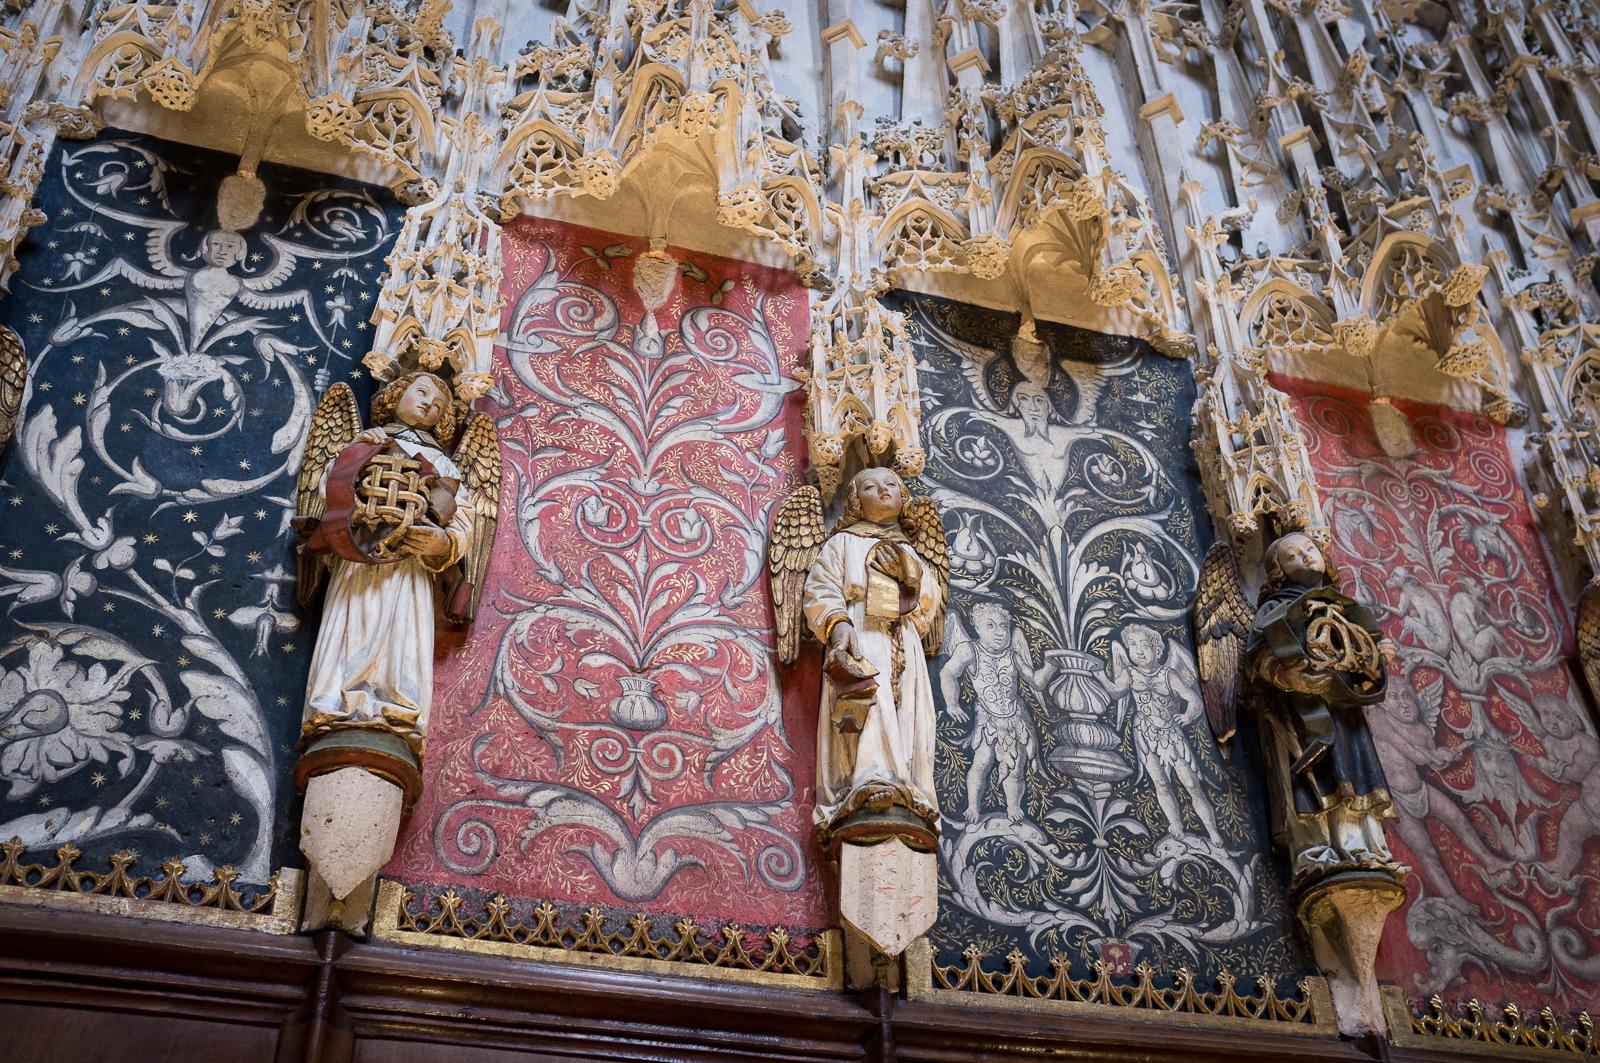 Detail of the choir screen - Photo by Asgeir Pedersen, Spots France